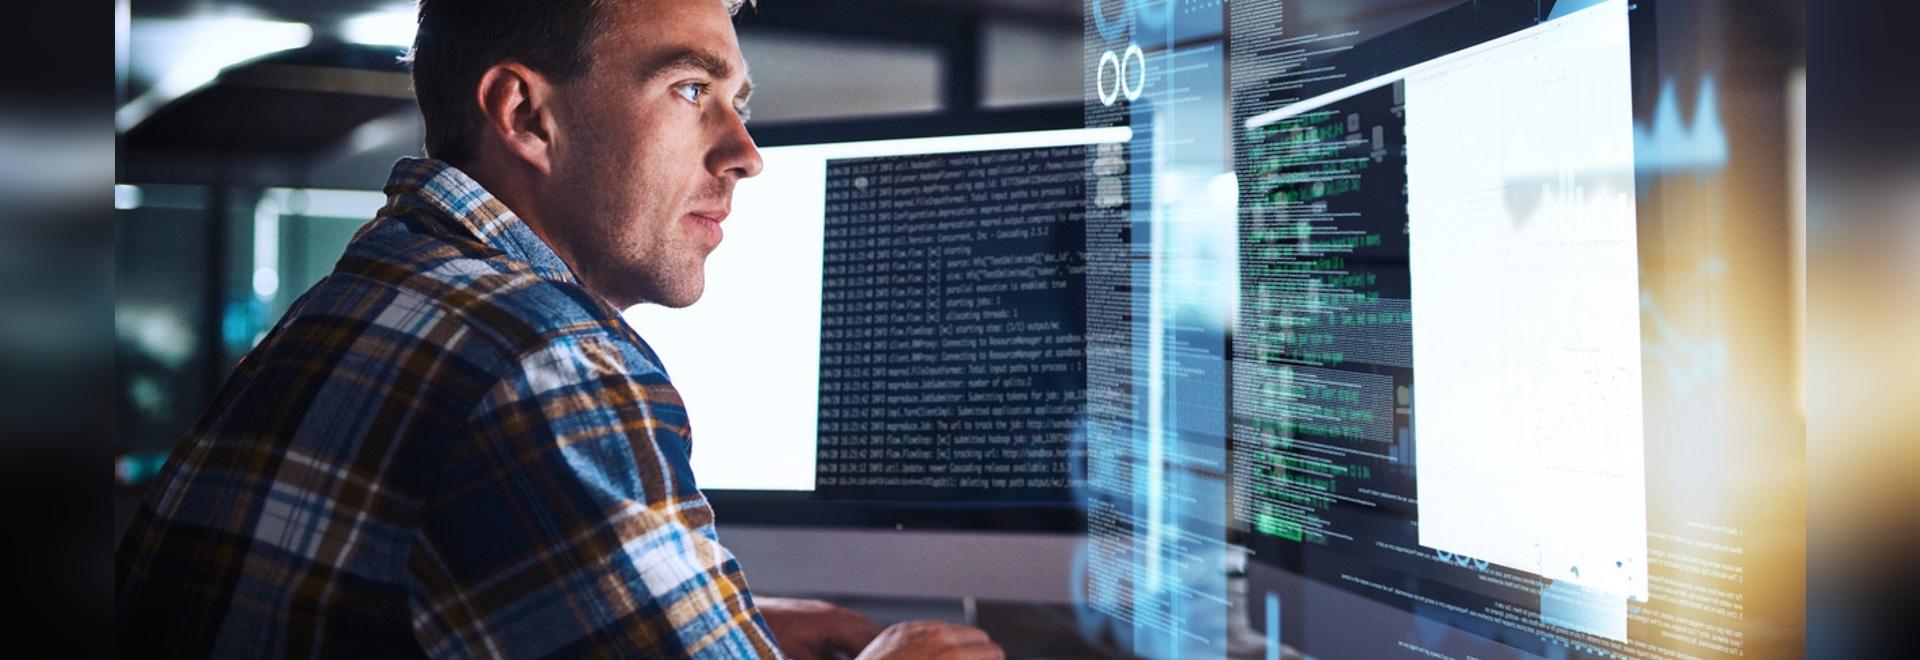 El software proporciona la solución de proceso de la gestión de seguridad